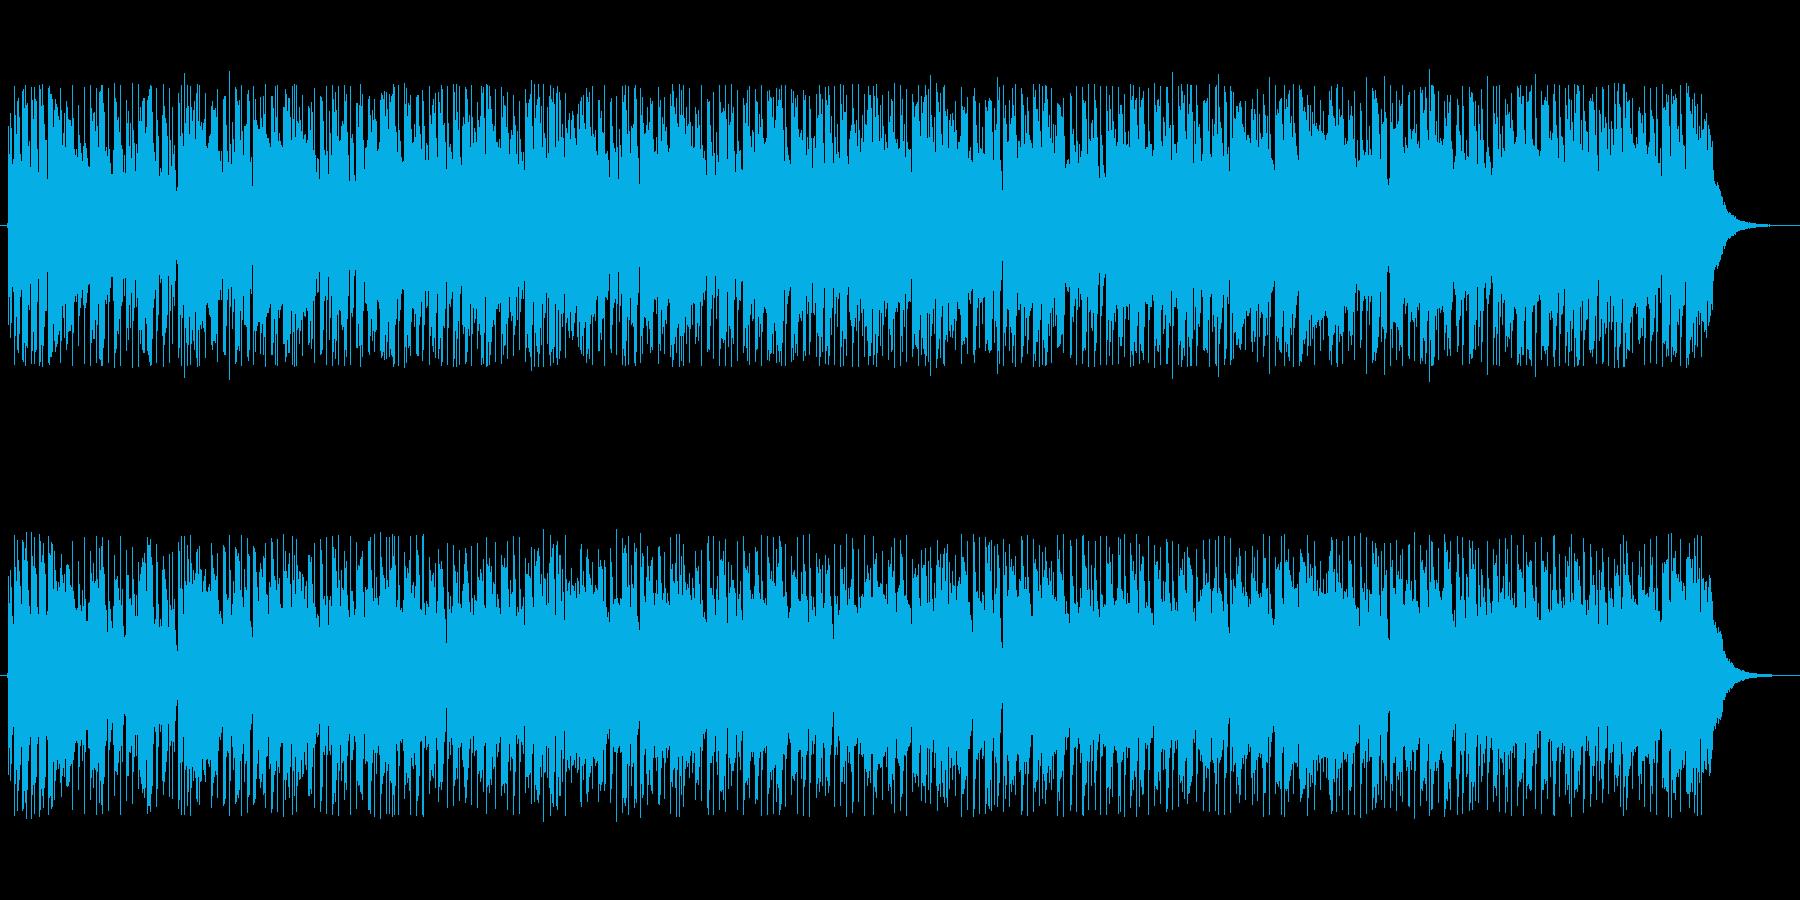 【パロディー】 戦隊物のあの感じ  の再生済みの波形